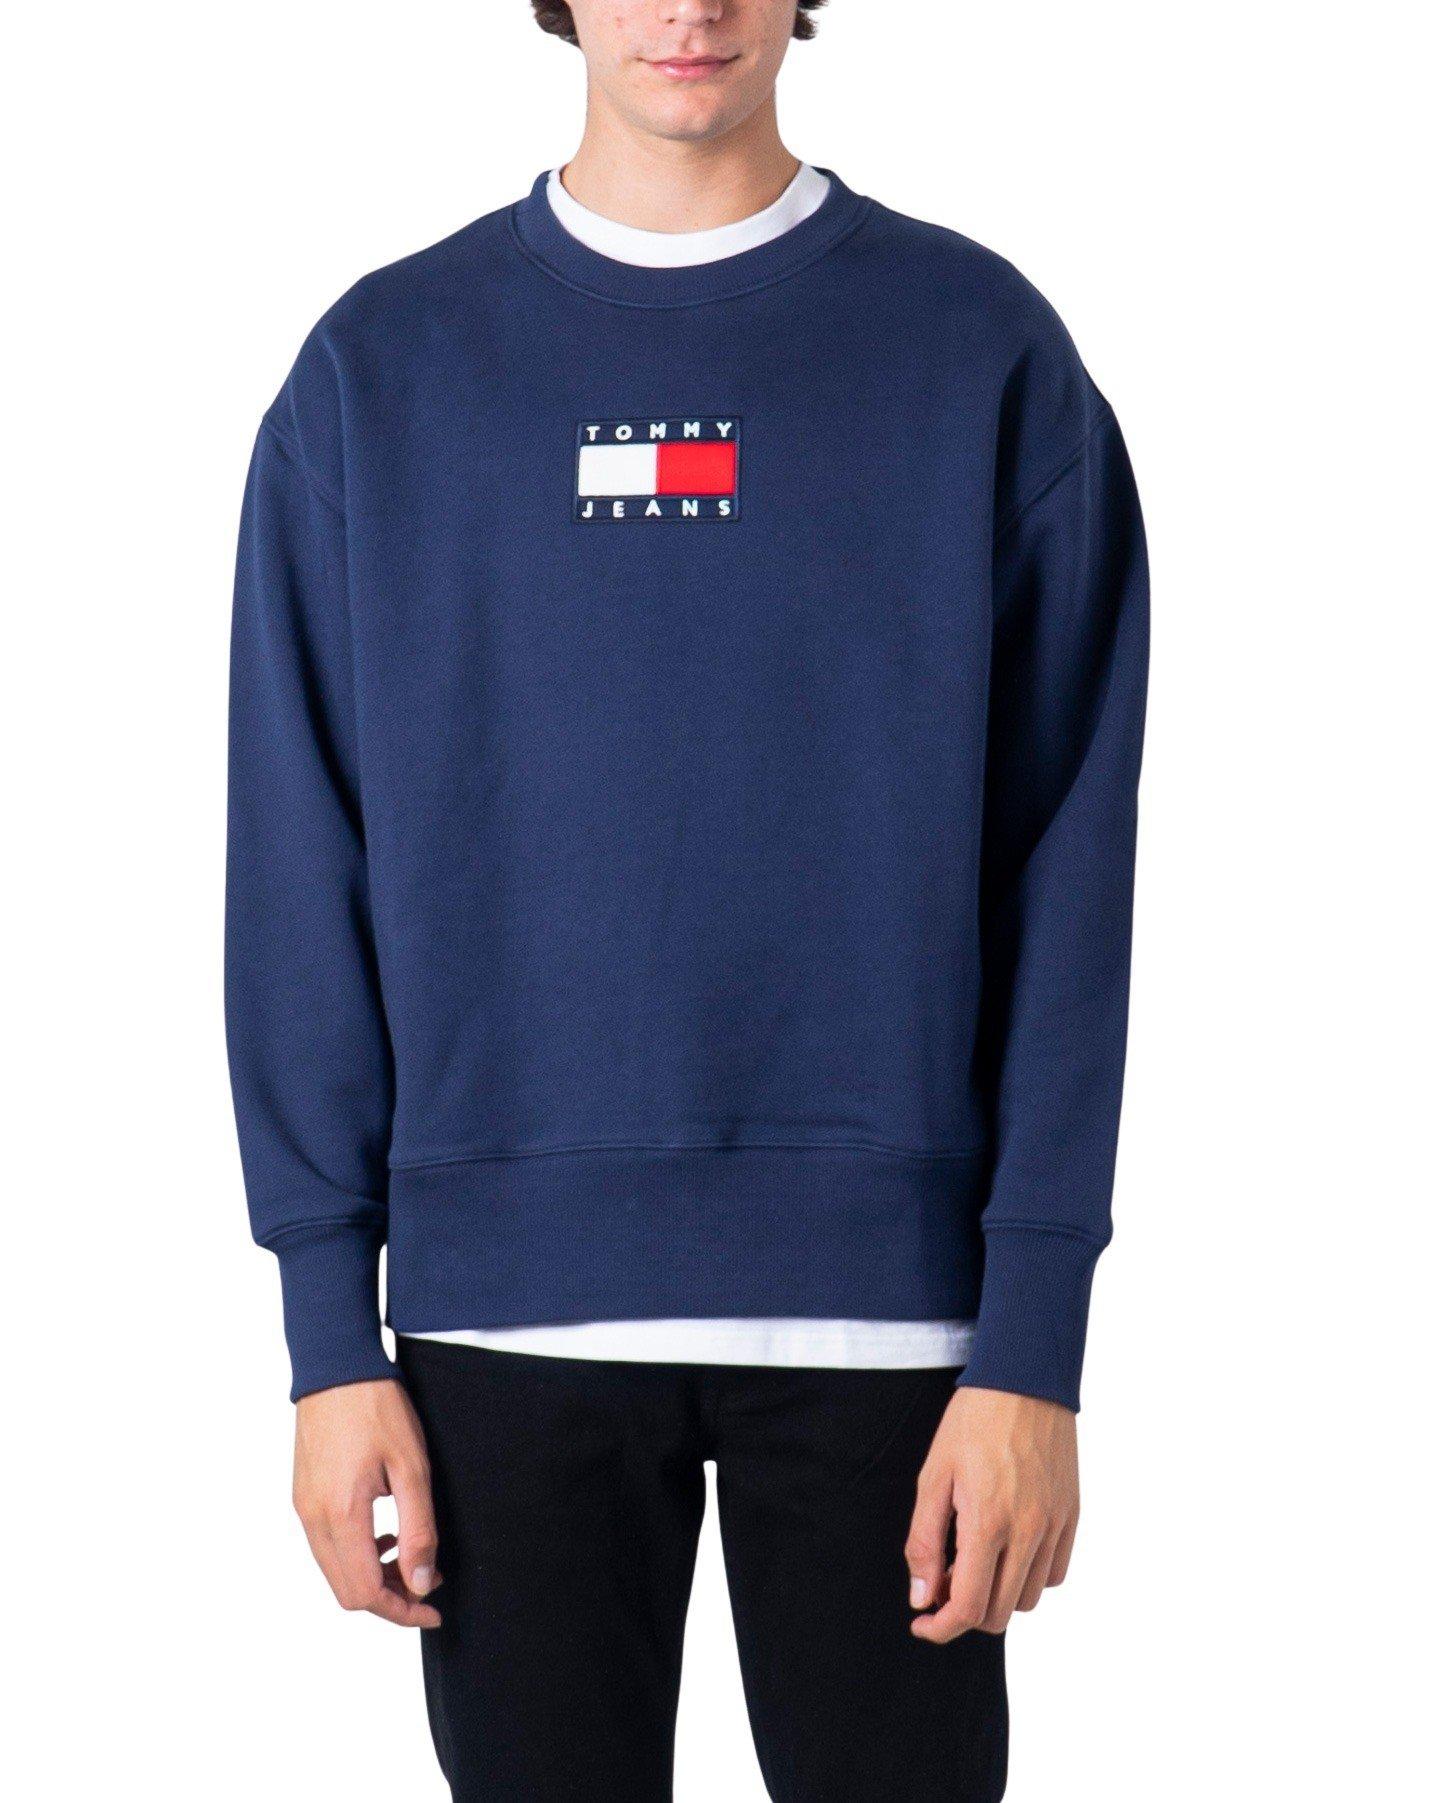 Tommy Hilfiger Men's Sweatshirt Blue Various Colours 177224 - blue XS